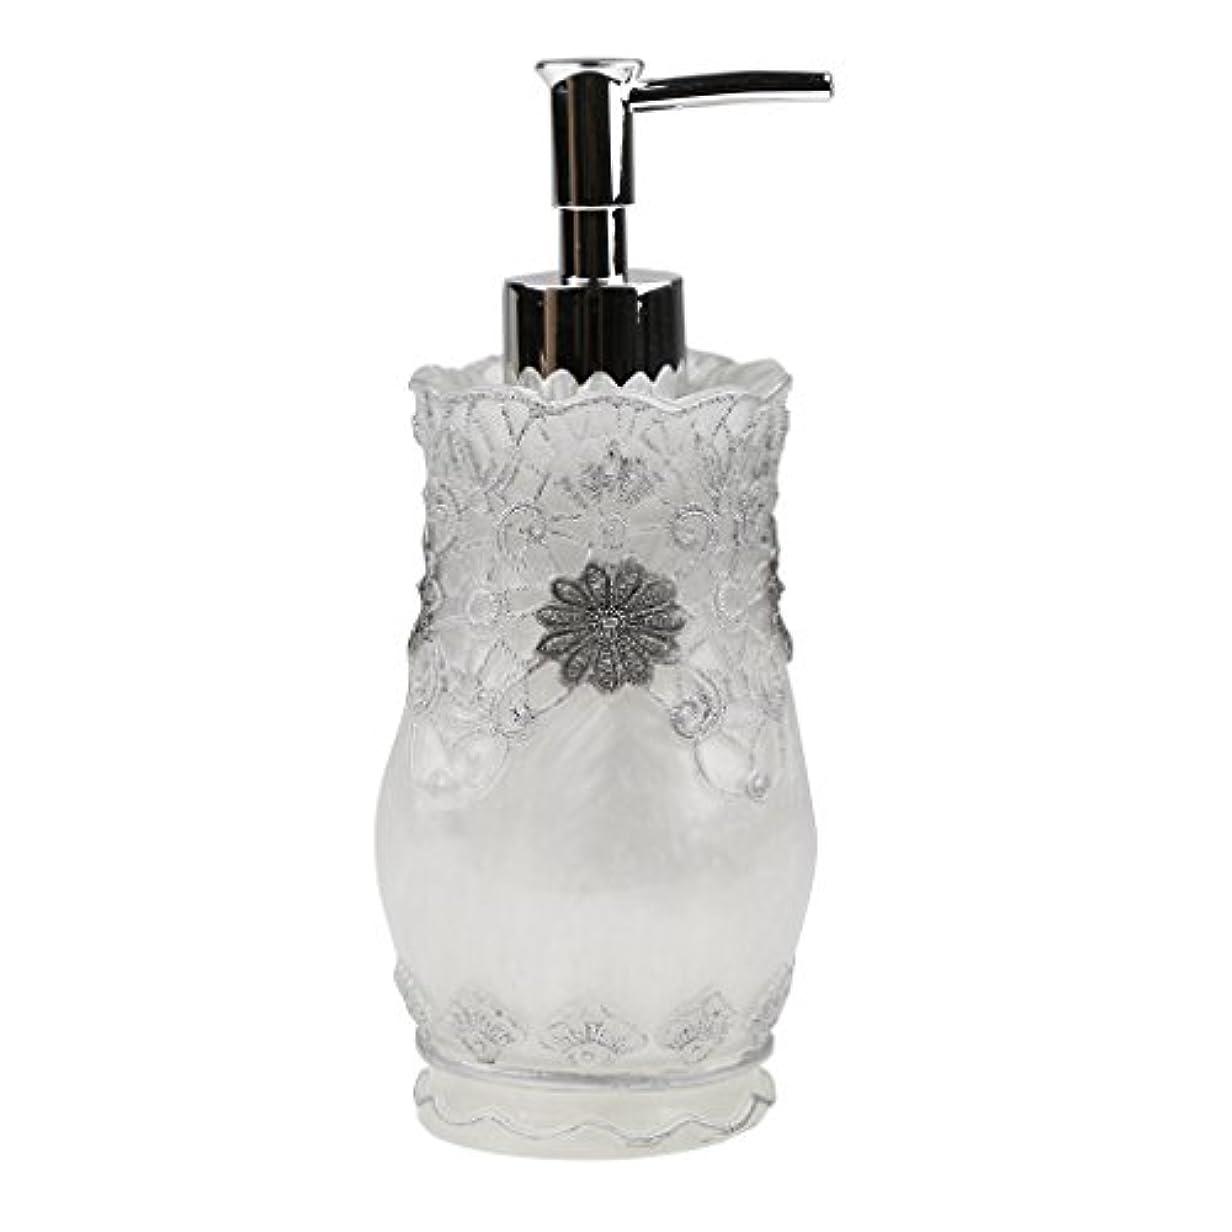 歴史インタフェース叙情的なHomyl 液体ソープ シャンプー用 空 シャンプー ボトル  詰め替えボトル 美しい エレガント デザイン  全4種類 - #2